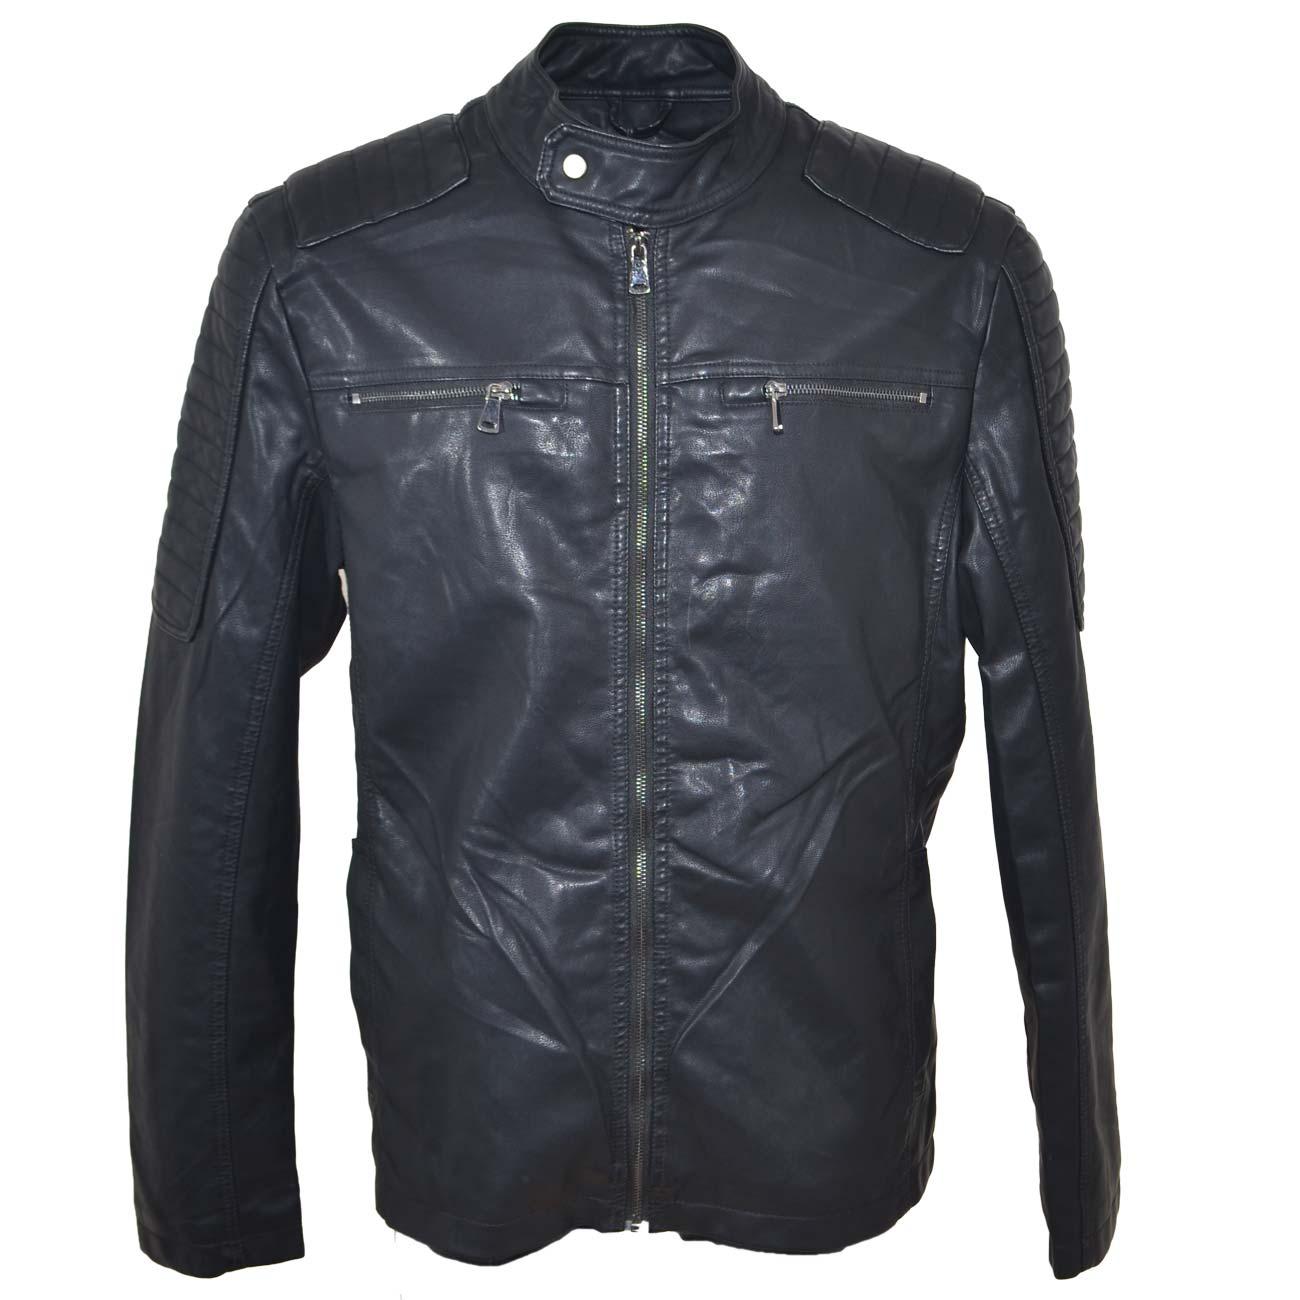 reputable site 7e360 8e1f0 Giubbino giacca uomo in simil pelle con zip frontale spalle rinforzate  interno in pelliccia caldo e zip altezza petto uomo giubbini in pelle Malu  ...